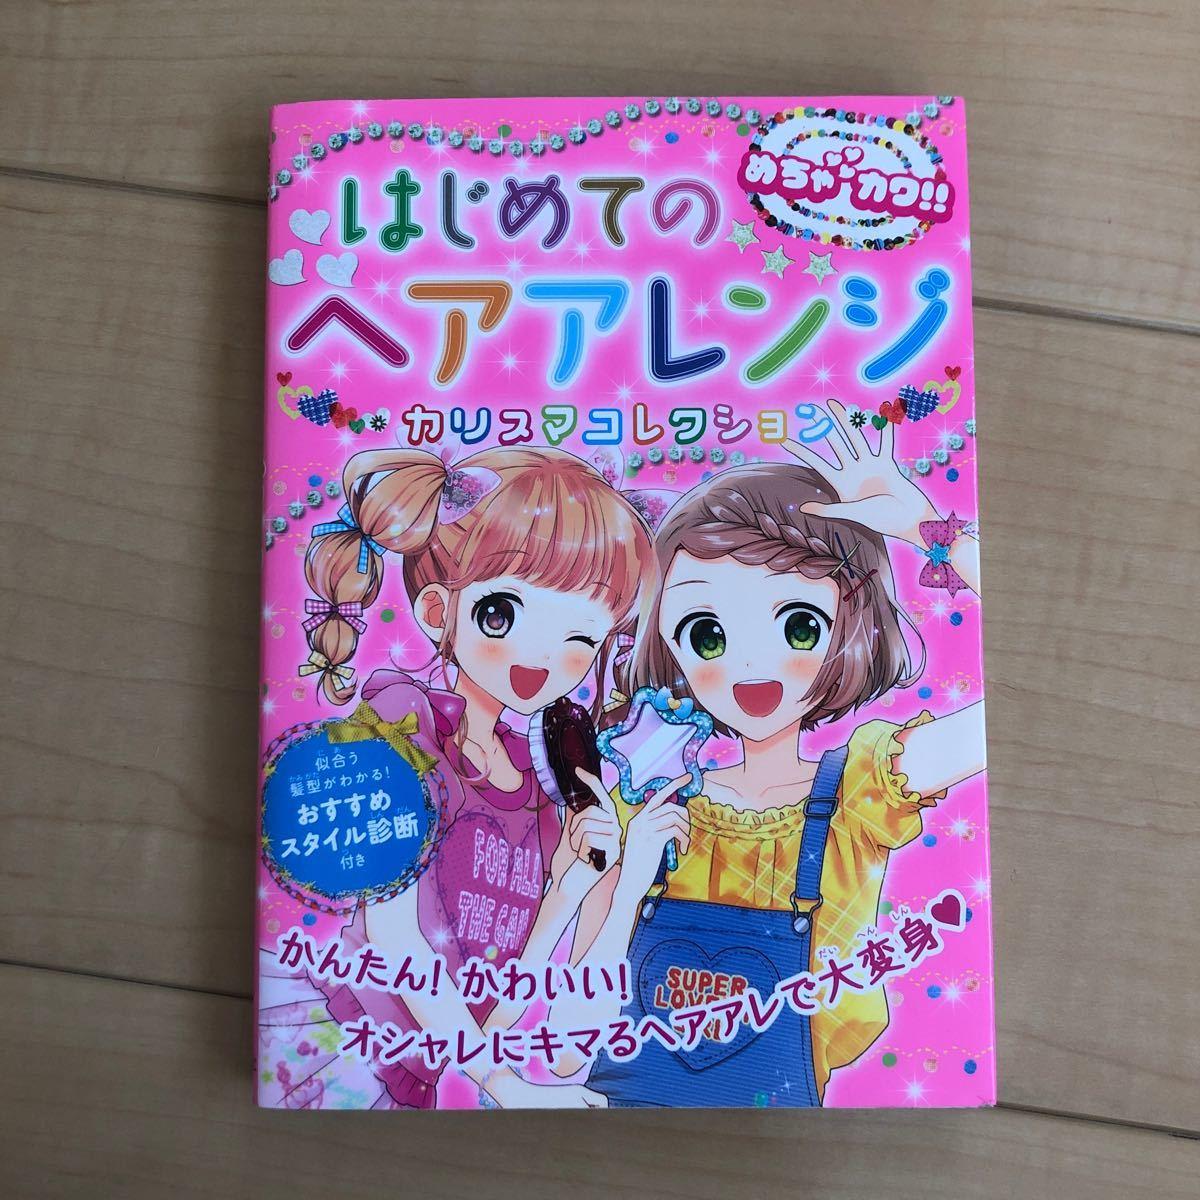 はじめてのヘアアレンジカリスマコレクション めちゃカワ!! /めちゃカワ!! ヘアアレンジ委員会